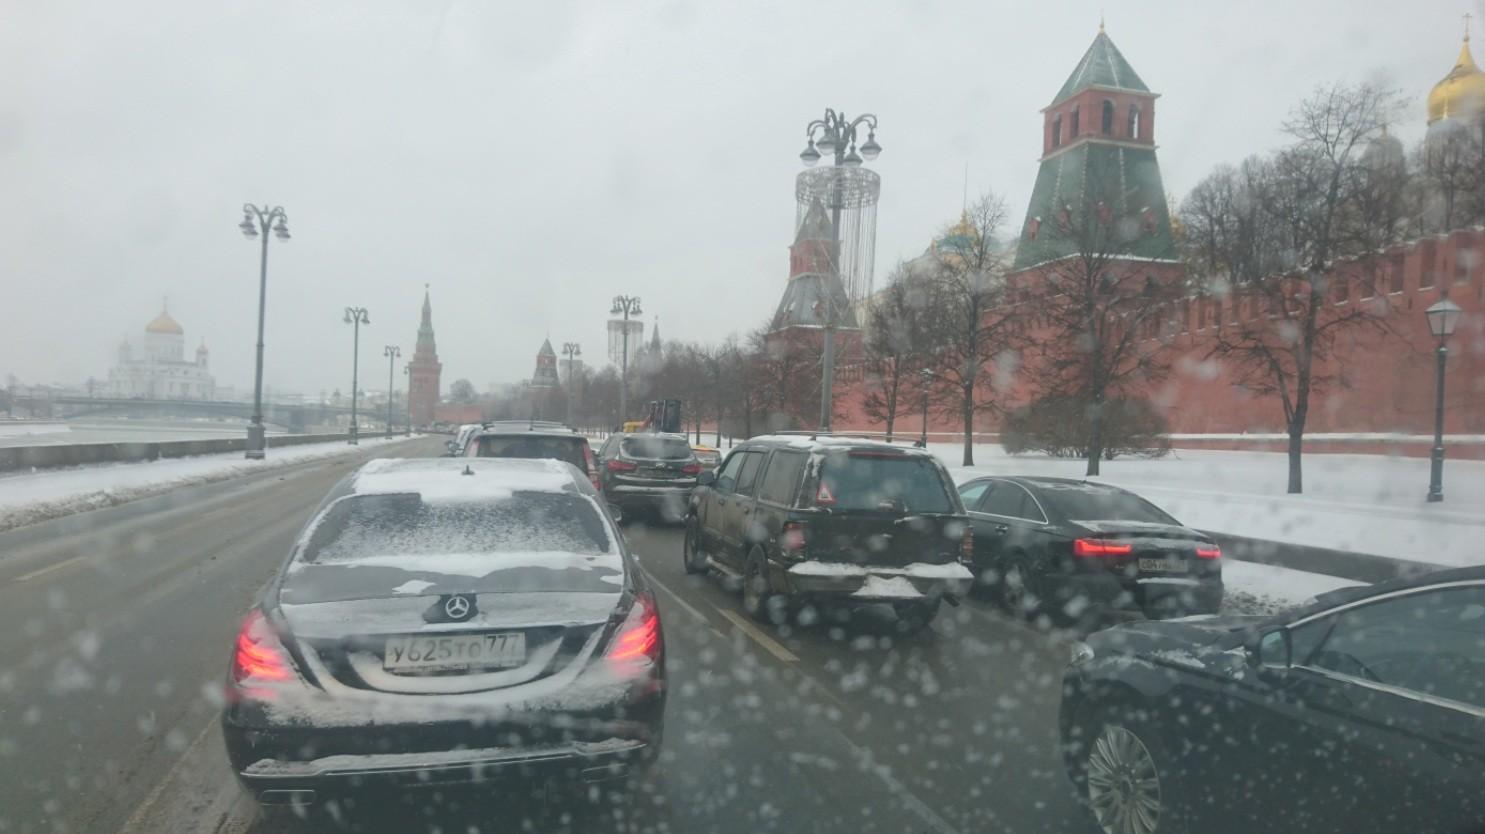 «Феноменальный» снегопад: в столице России выпадет практически месячная норма осадков